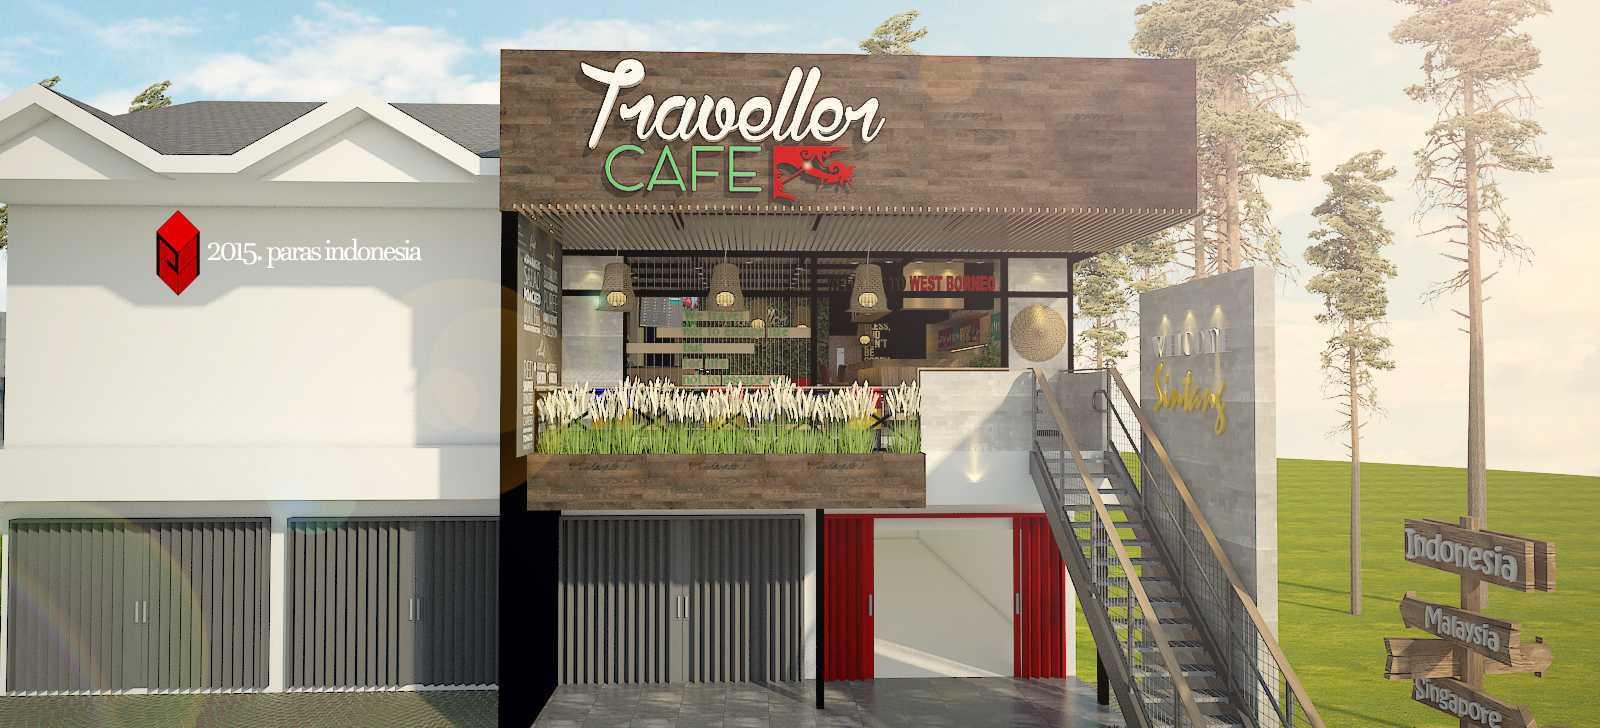 Andreas Fajar Ismunanto Travel Cafe Kabupaten Sintang, Kalimantan Barat, Indonesia Kabupaten Sintang, Kalimantan Barat, Indonesia Cafe-Sintang-Mr Minimalis,modern  38065